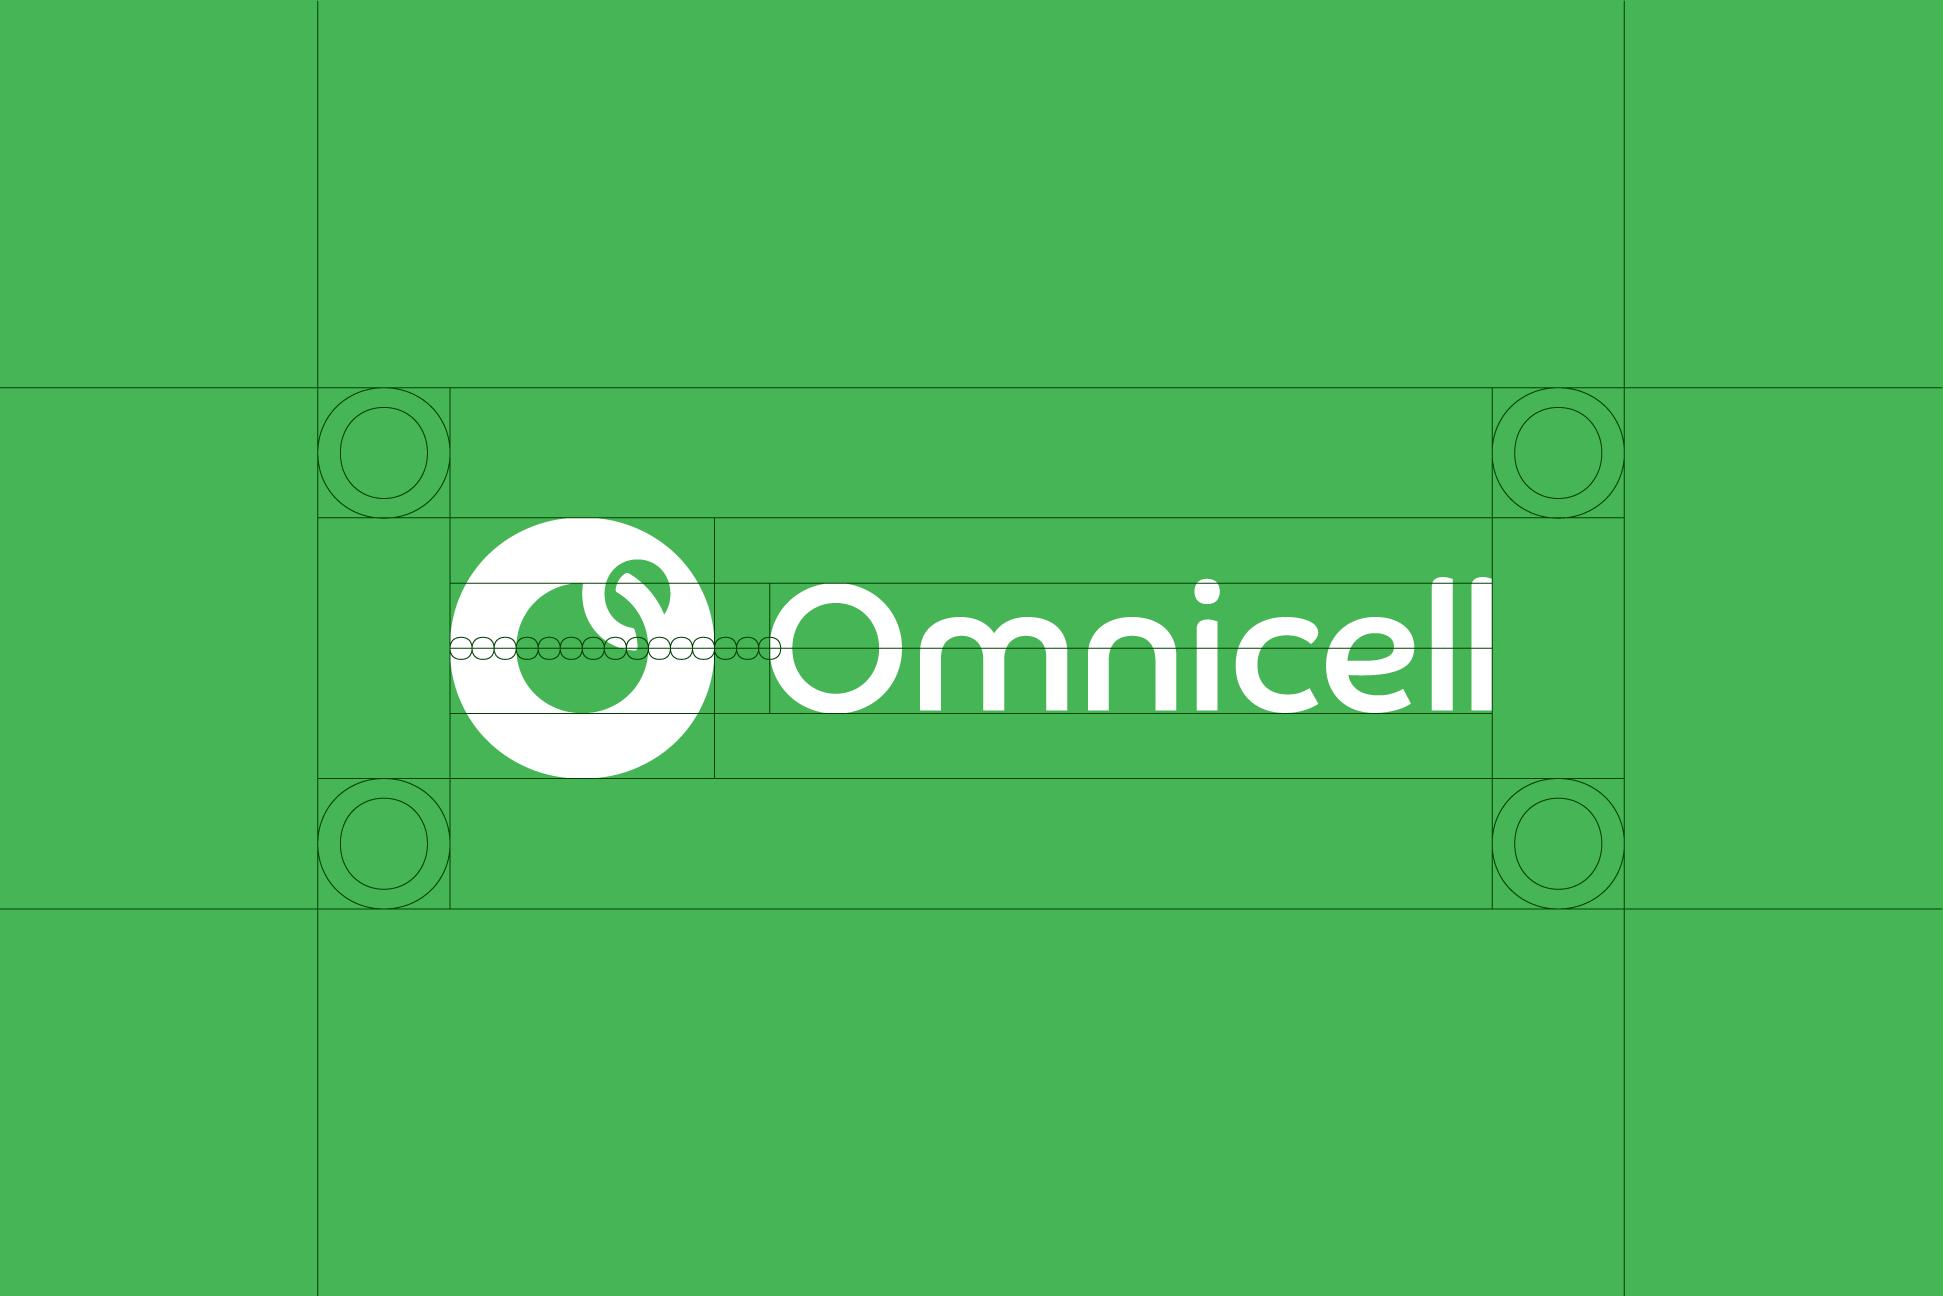 Omnicell Logo Lockup Construction